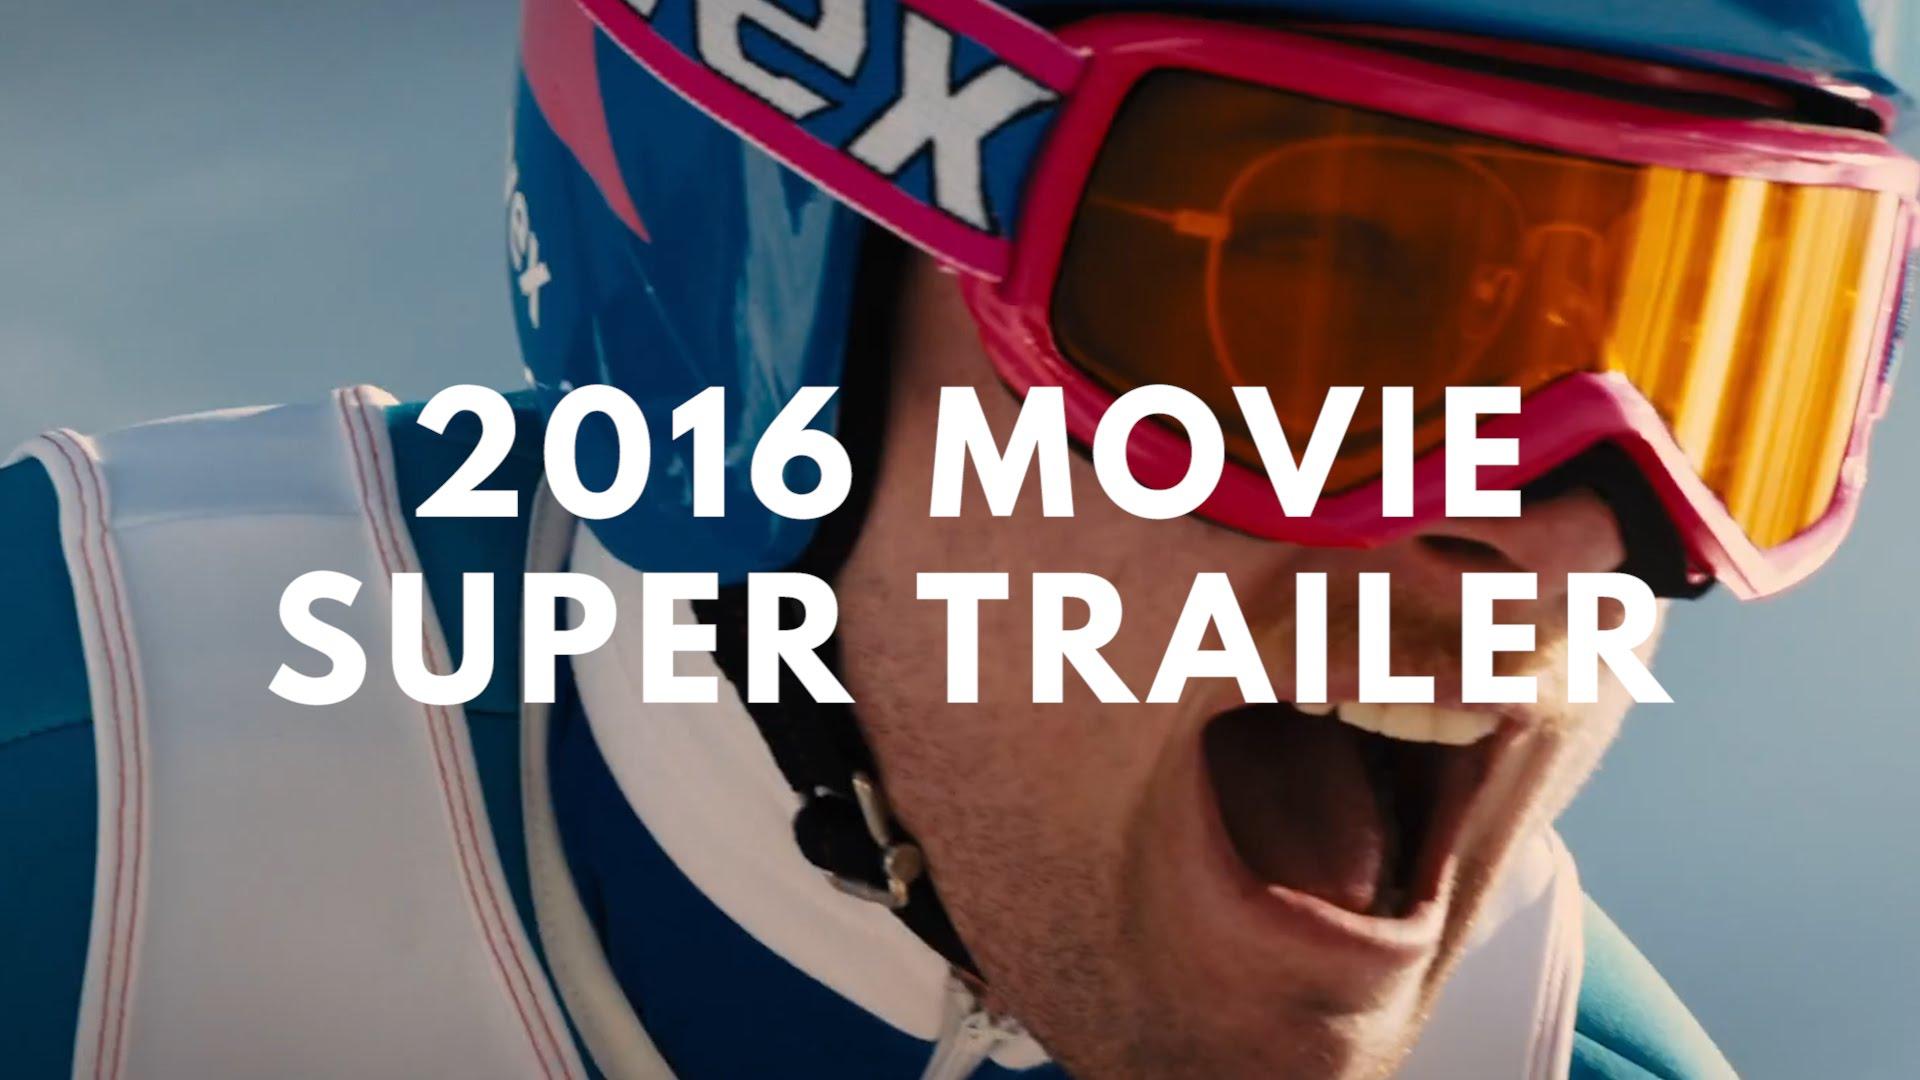 Die zu erwartenden Top-Movies von 2016 in einem umfassenden Trailer